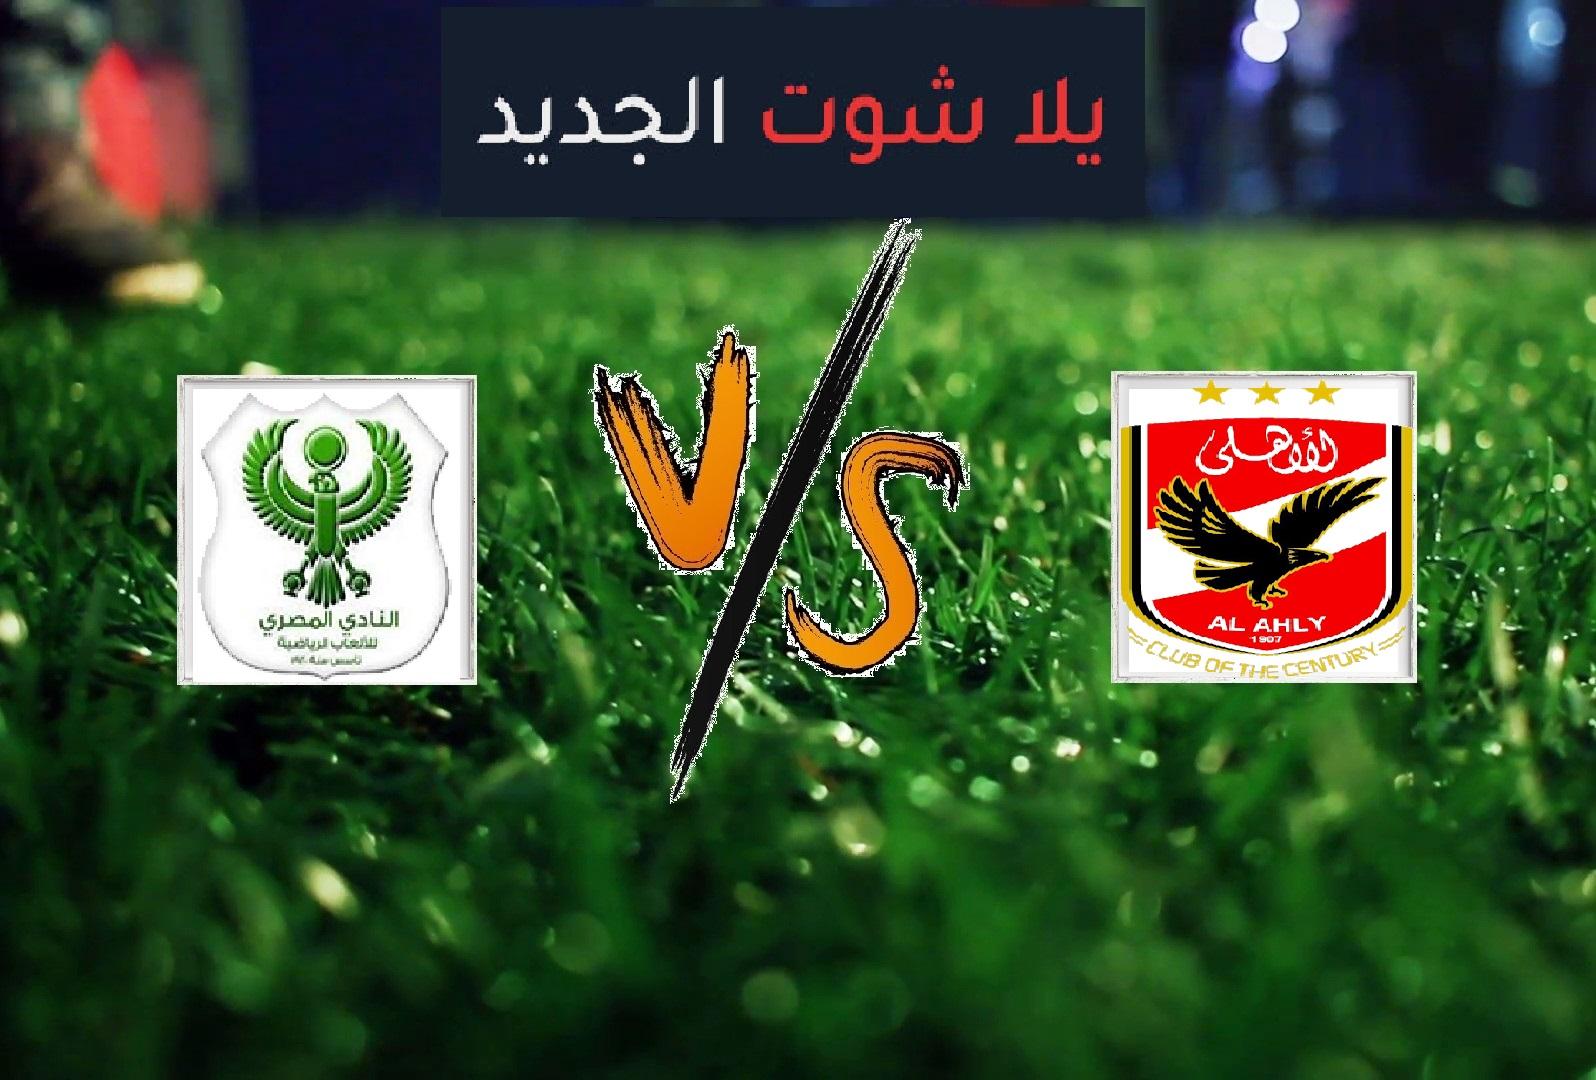 ملخص نتيجة مباراة الاهلي والمصري البورسعيدي اليوم الاربعاء بتاريخ 25-04-2019 الدوري المصري